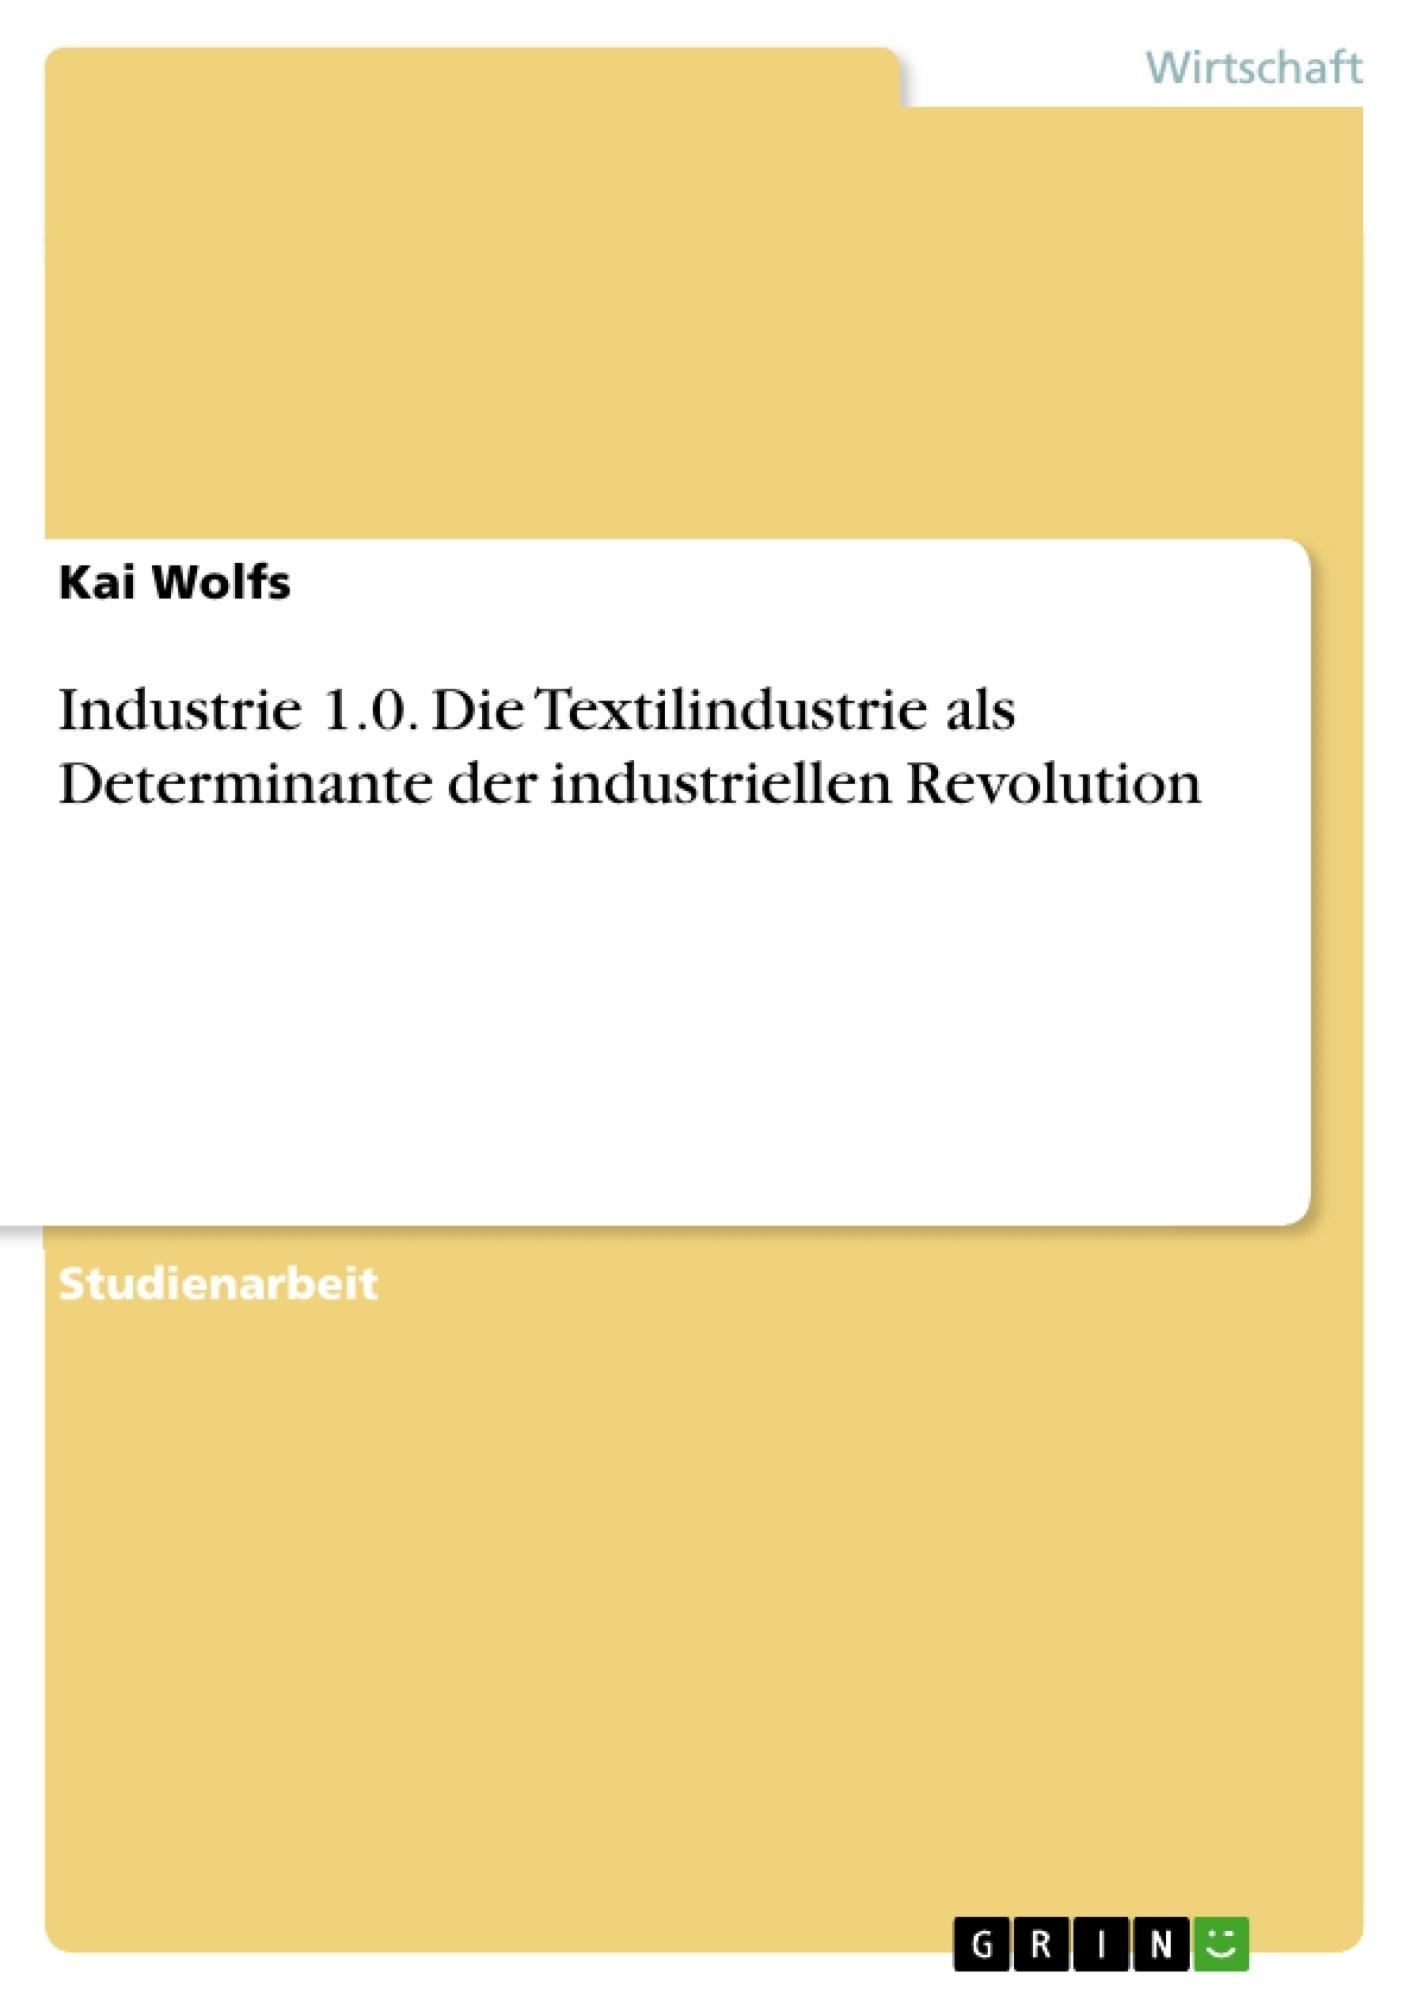 Titel: Industrie 1.0. Die Textilindustrie als Determinante der industriellen Revolution